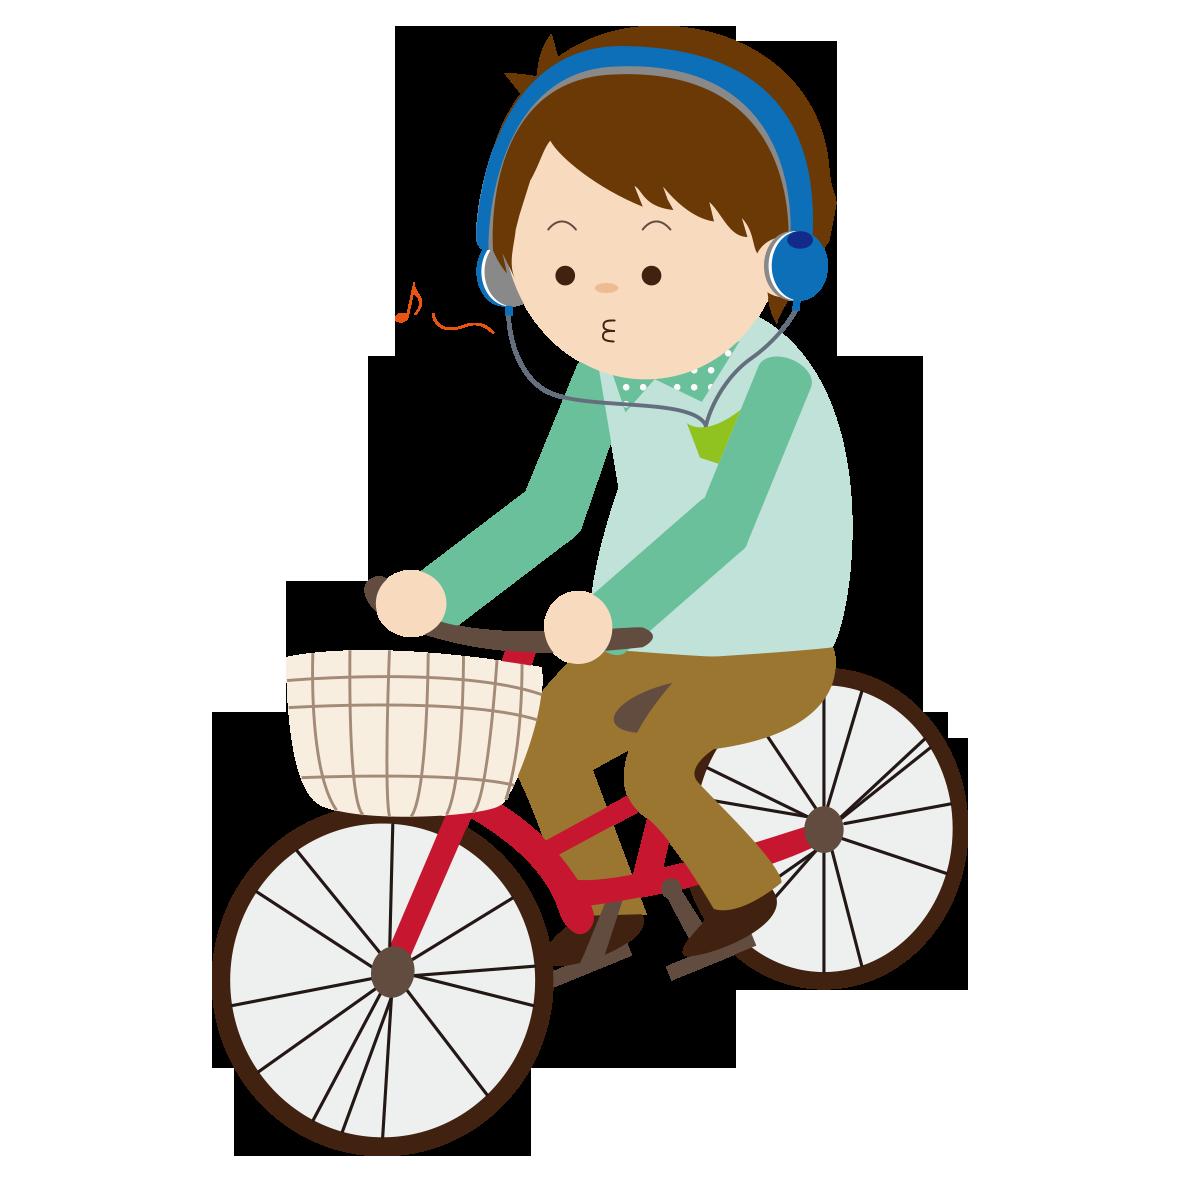 自転車【悪い例】」 - 無料イラスト愛